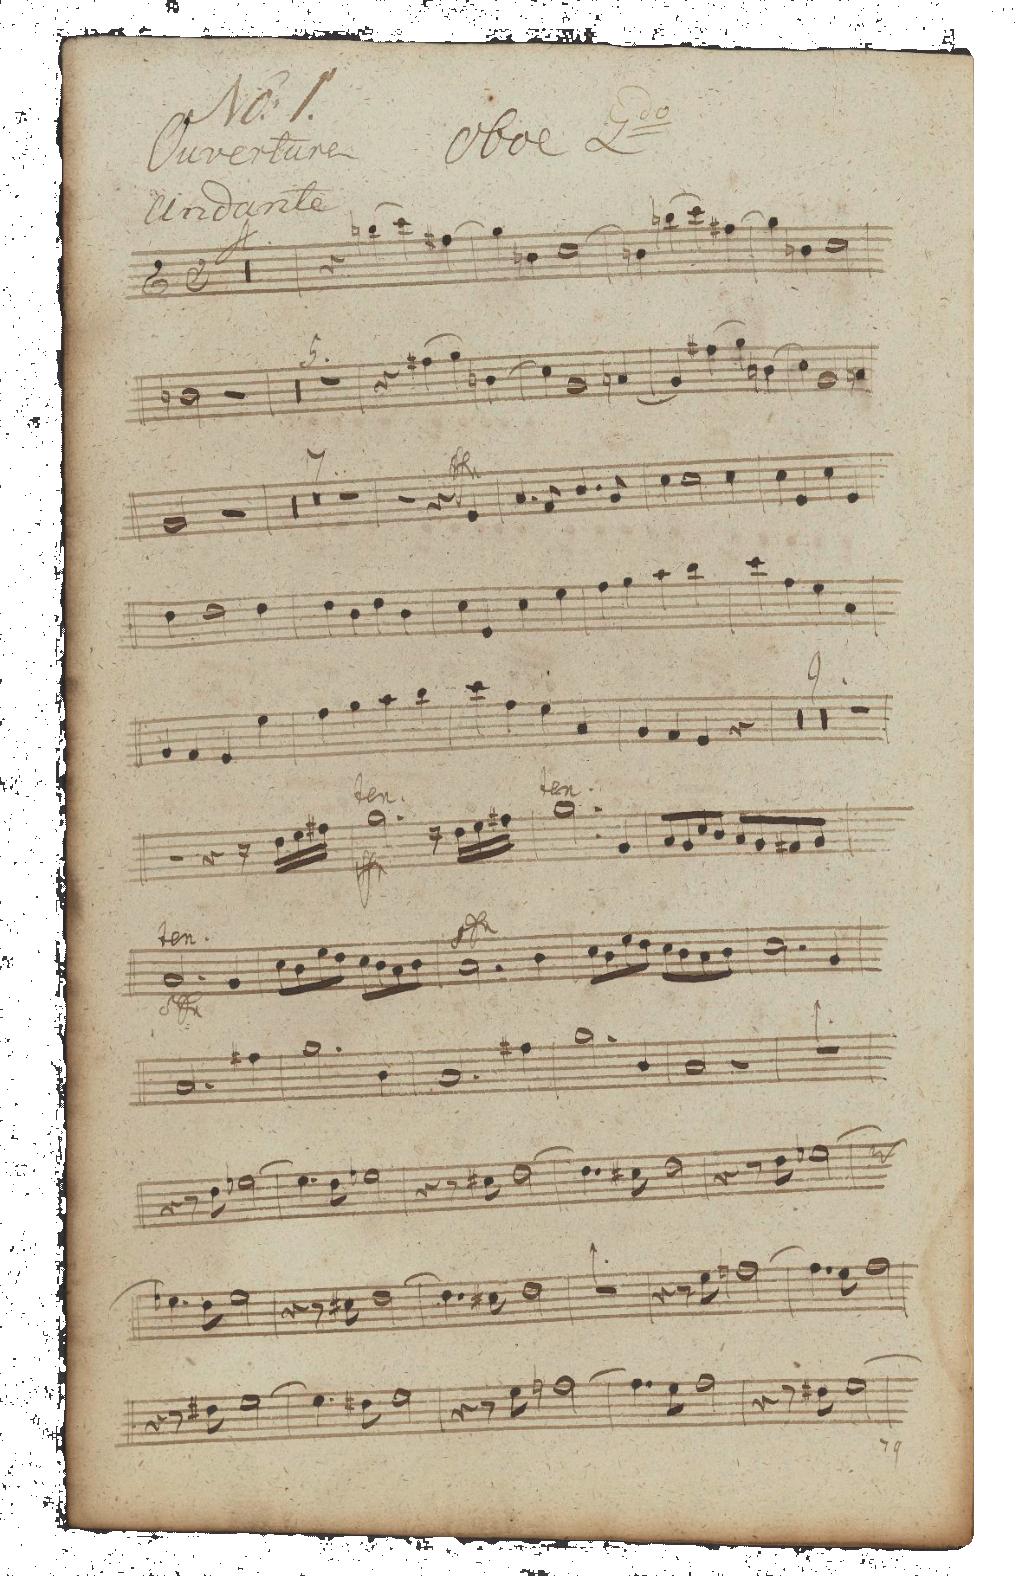 08_Oboe secondo_beschnitten.png